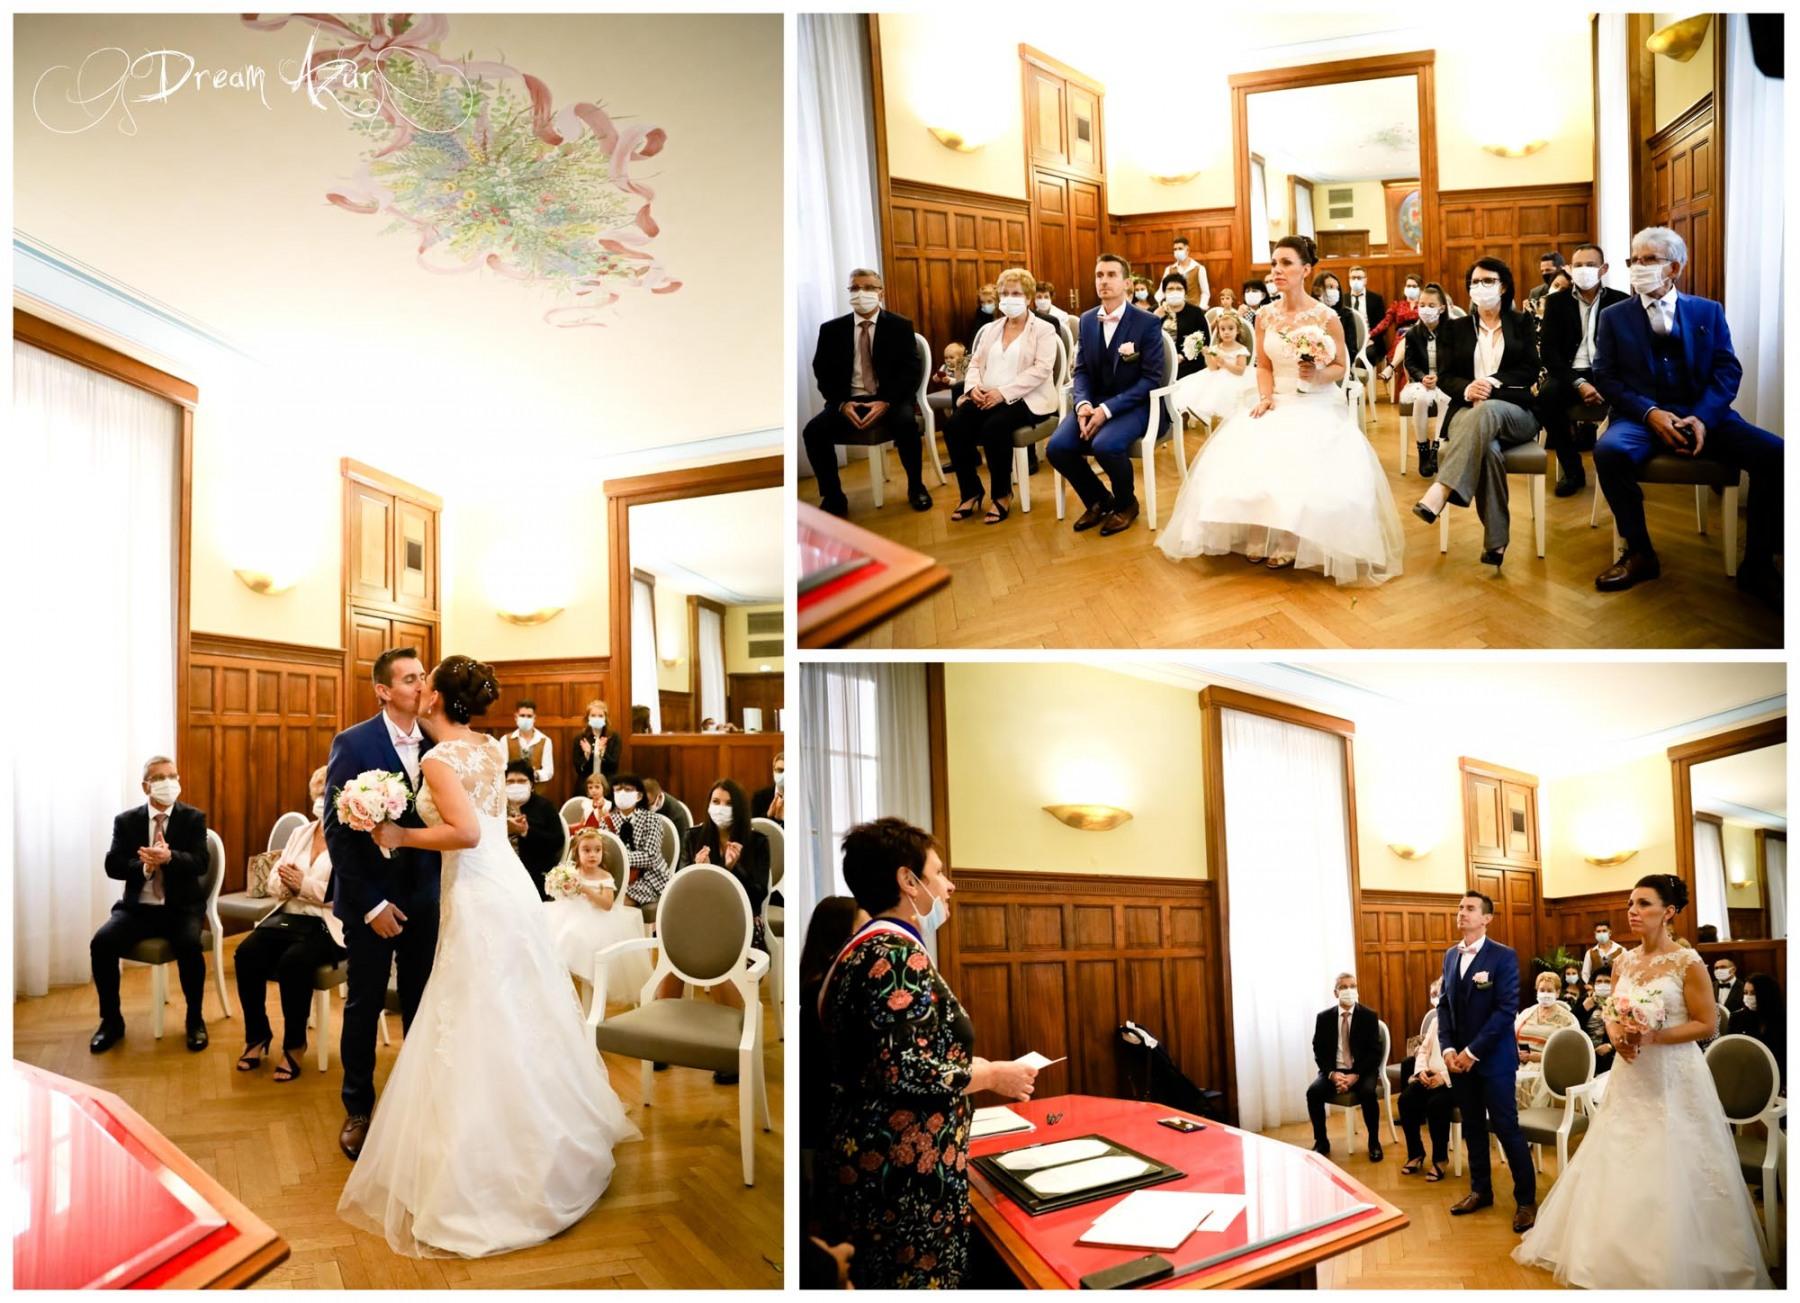 201011COMPO-Mariage-Sabrina-et-Cedric-06